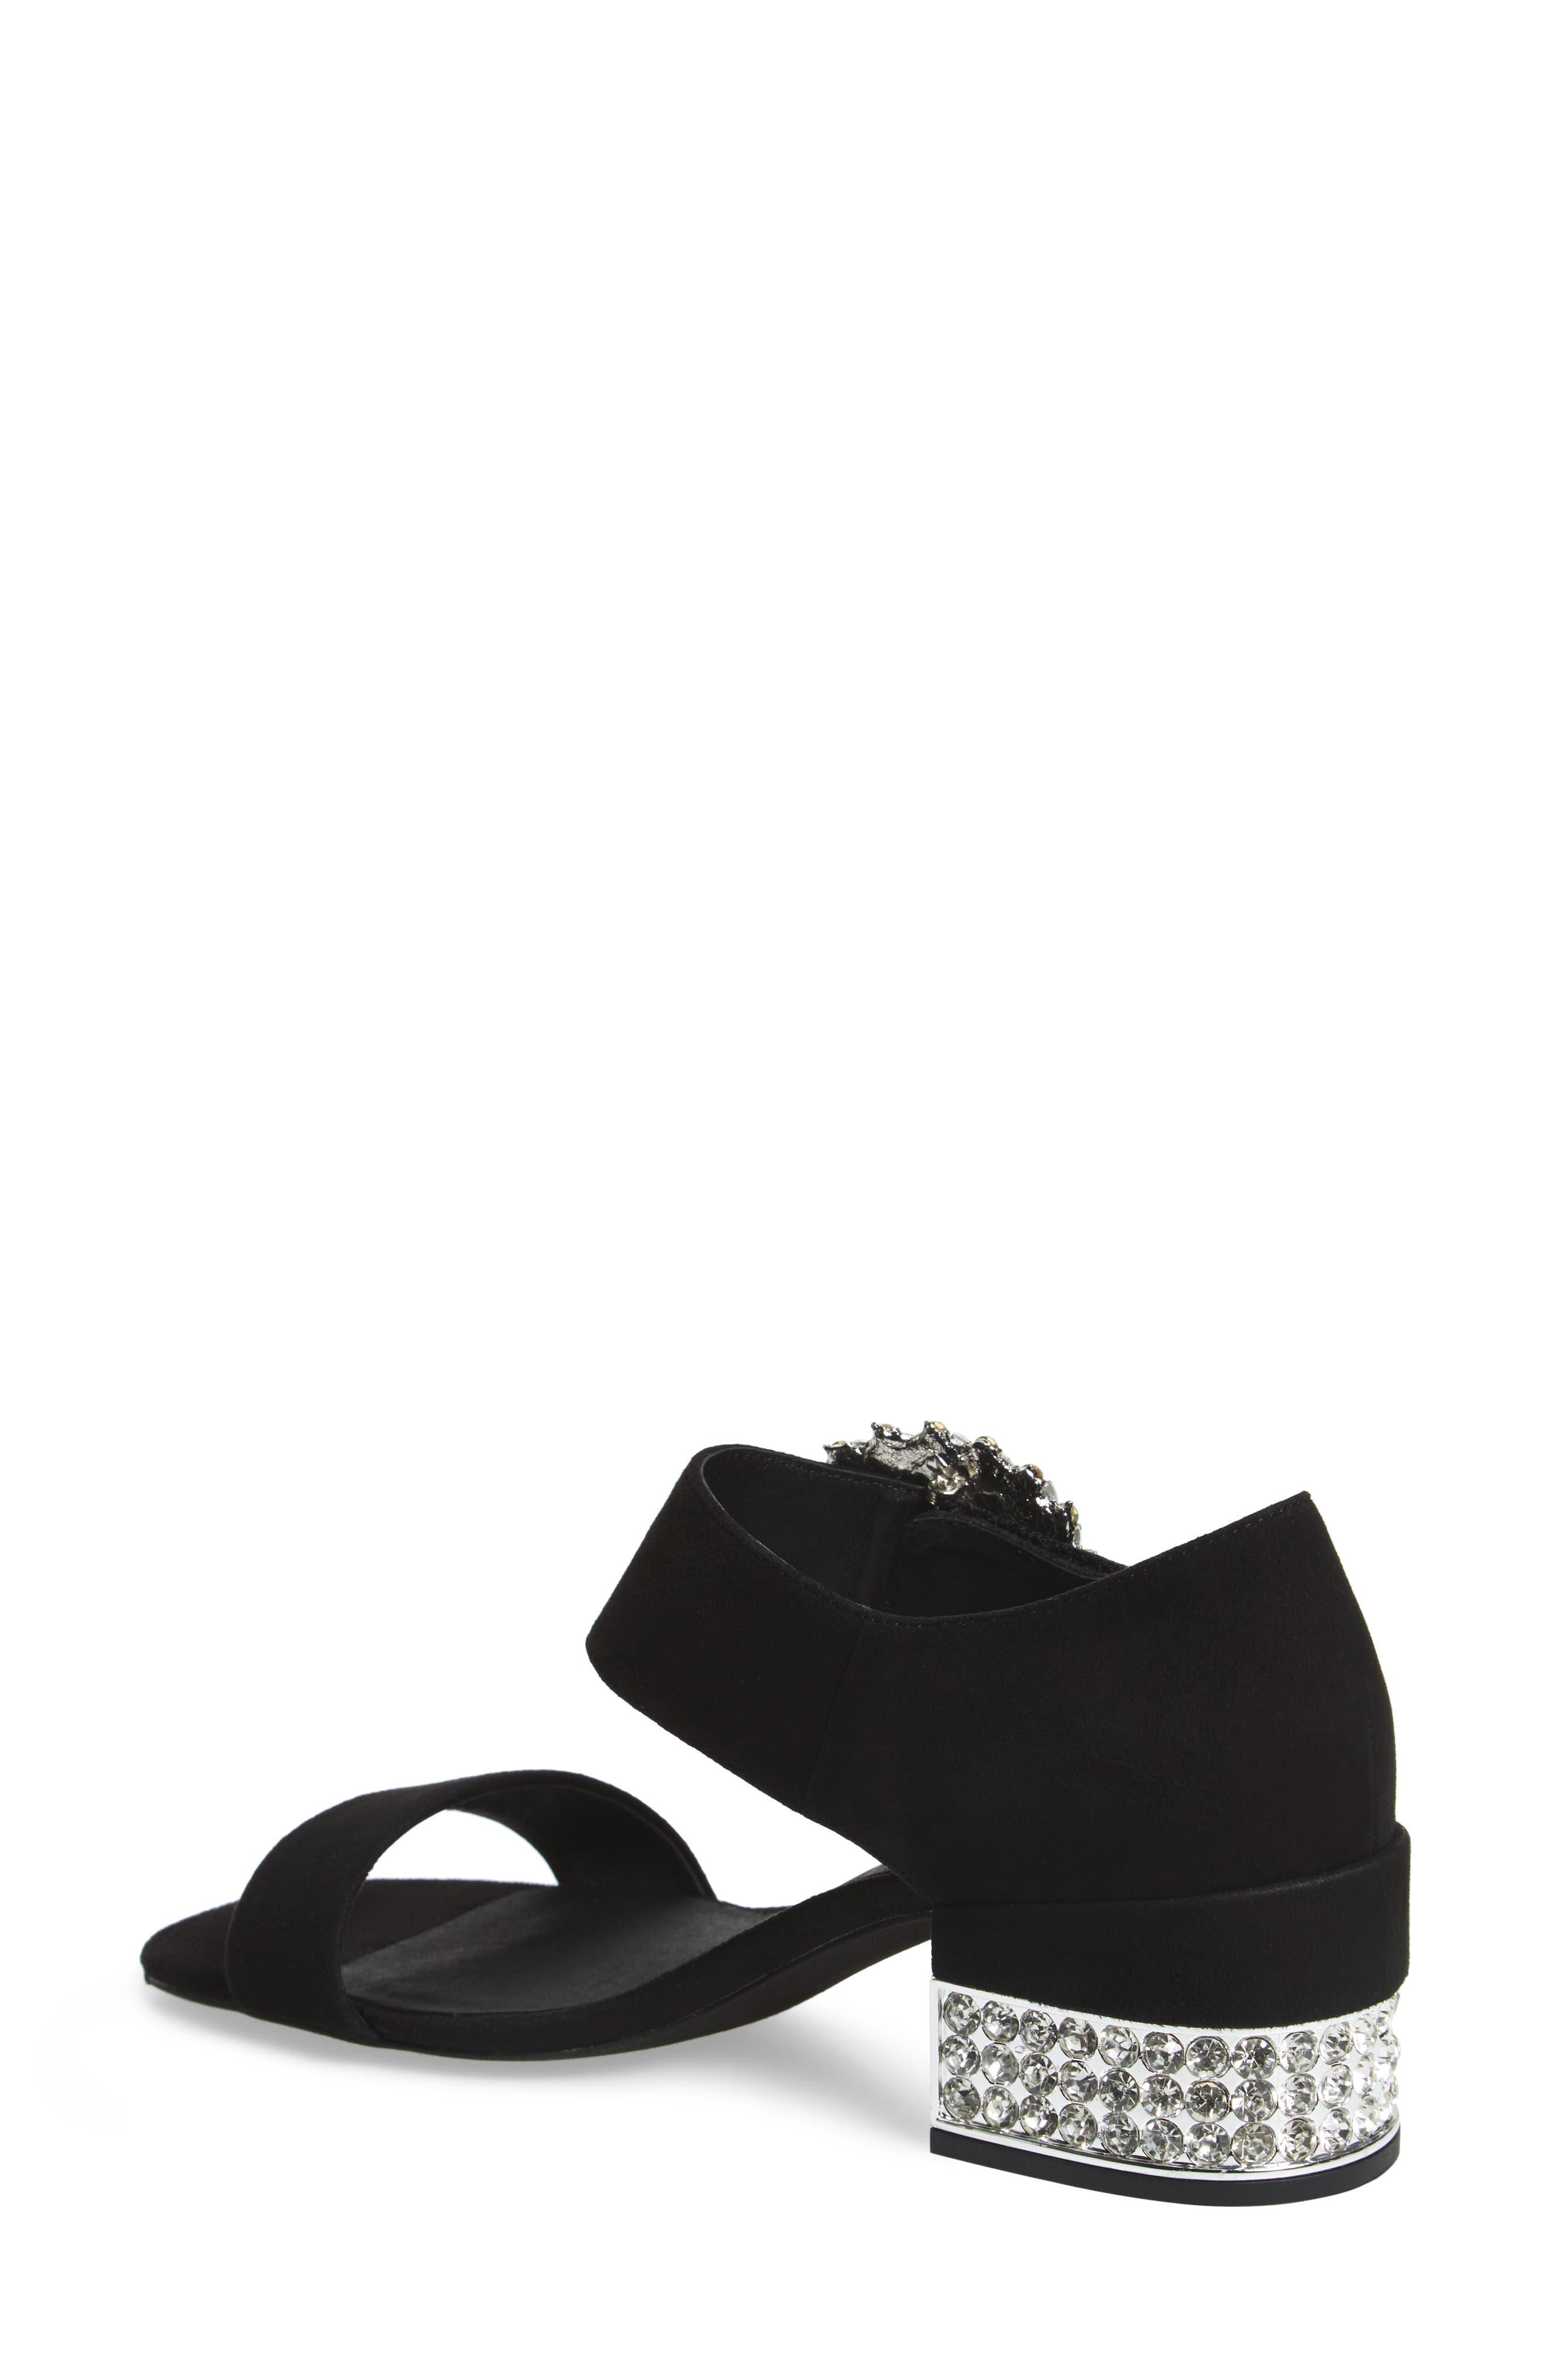 Kaylene Crystal Embellished Sandal,                             Alternate thumbnail 2, color,                             Black/ Silver Suede